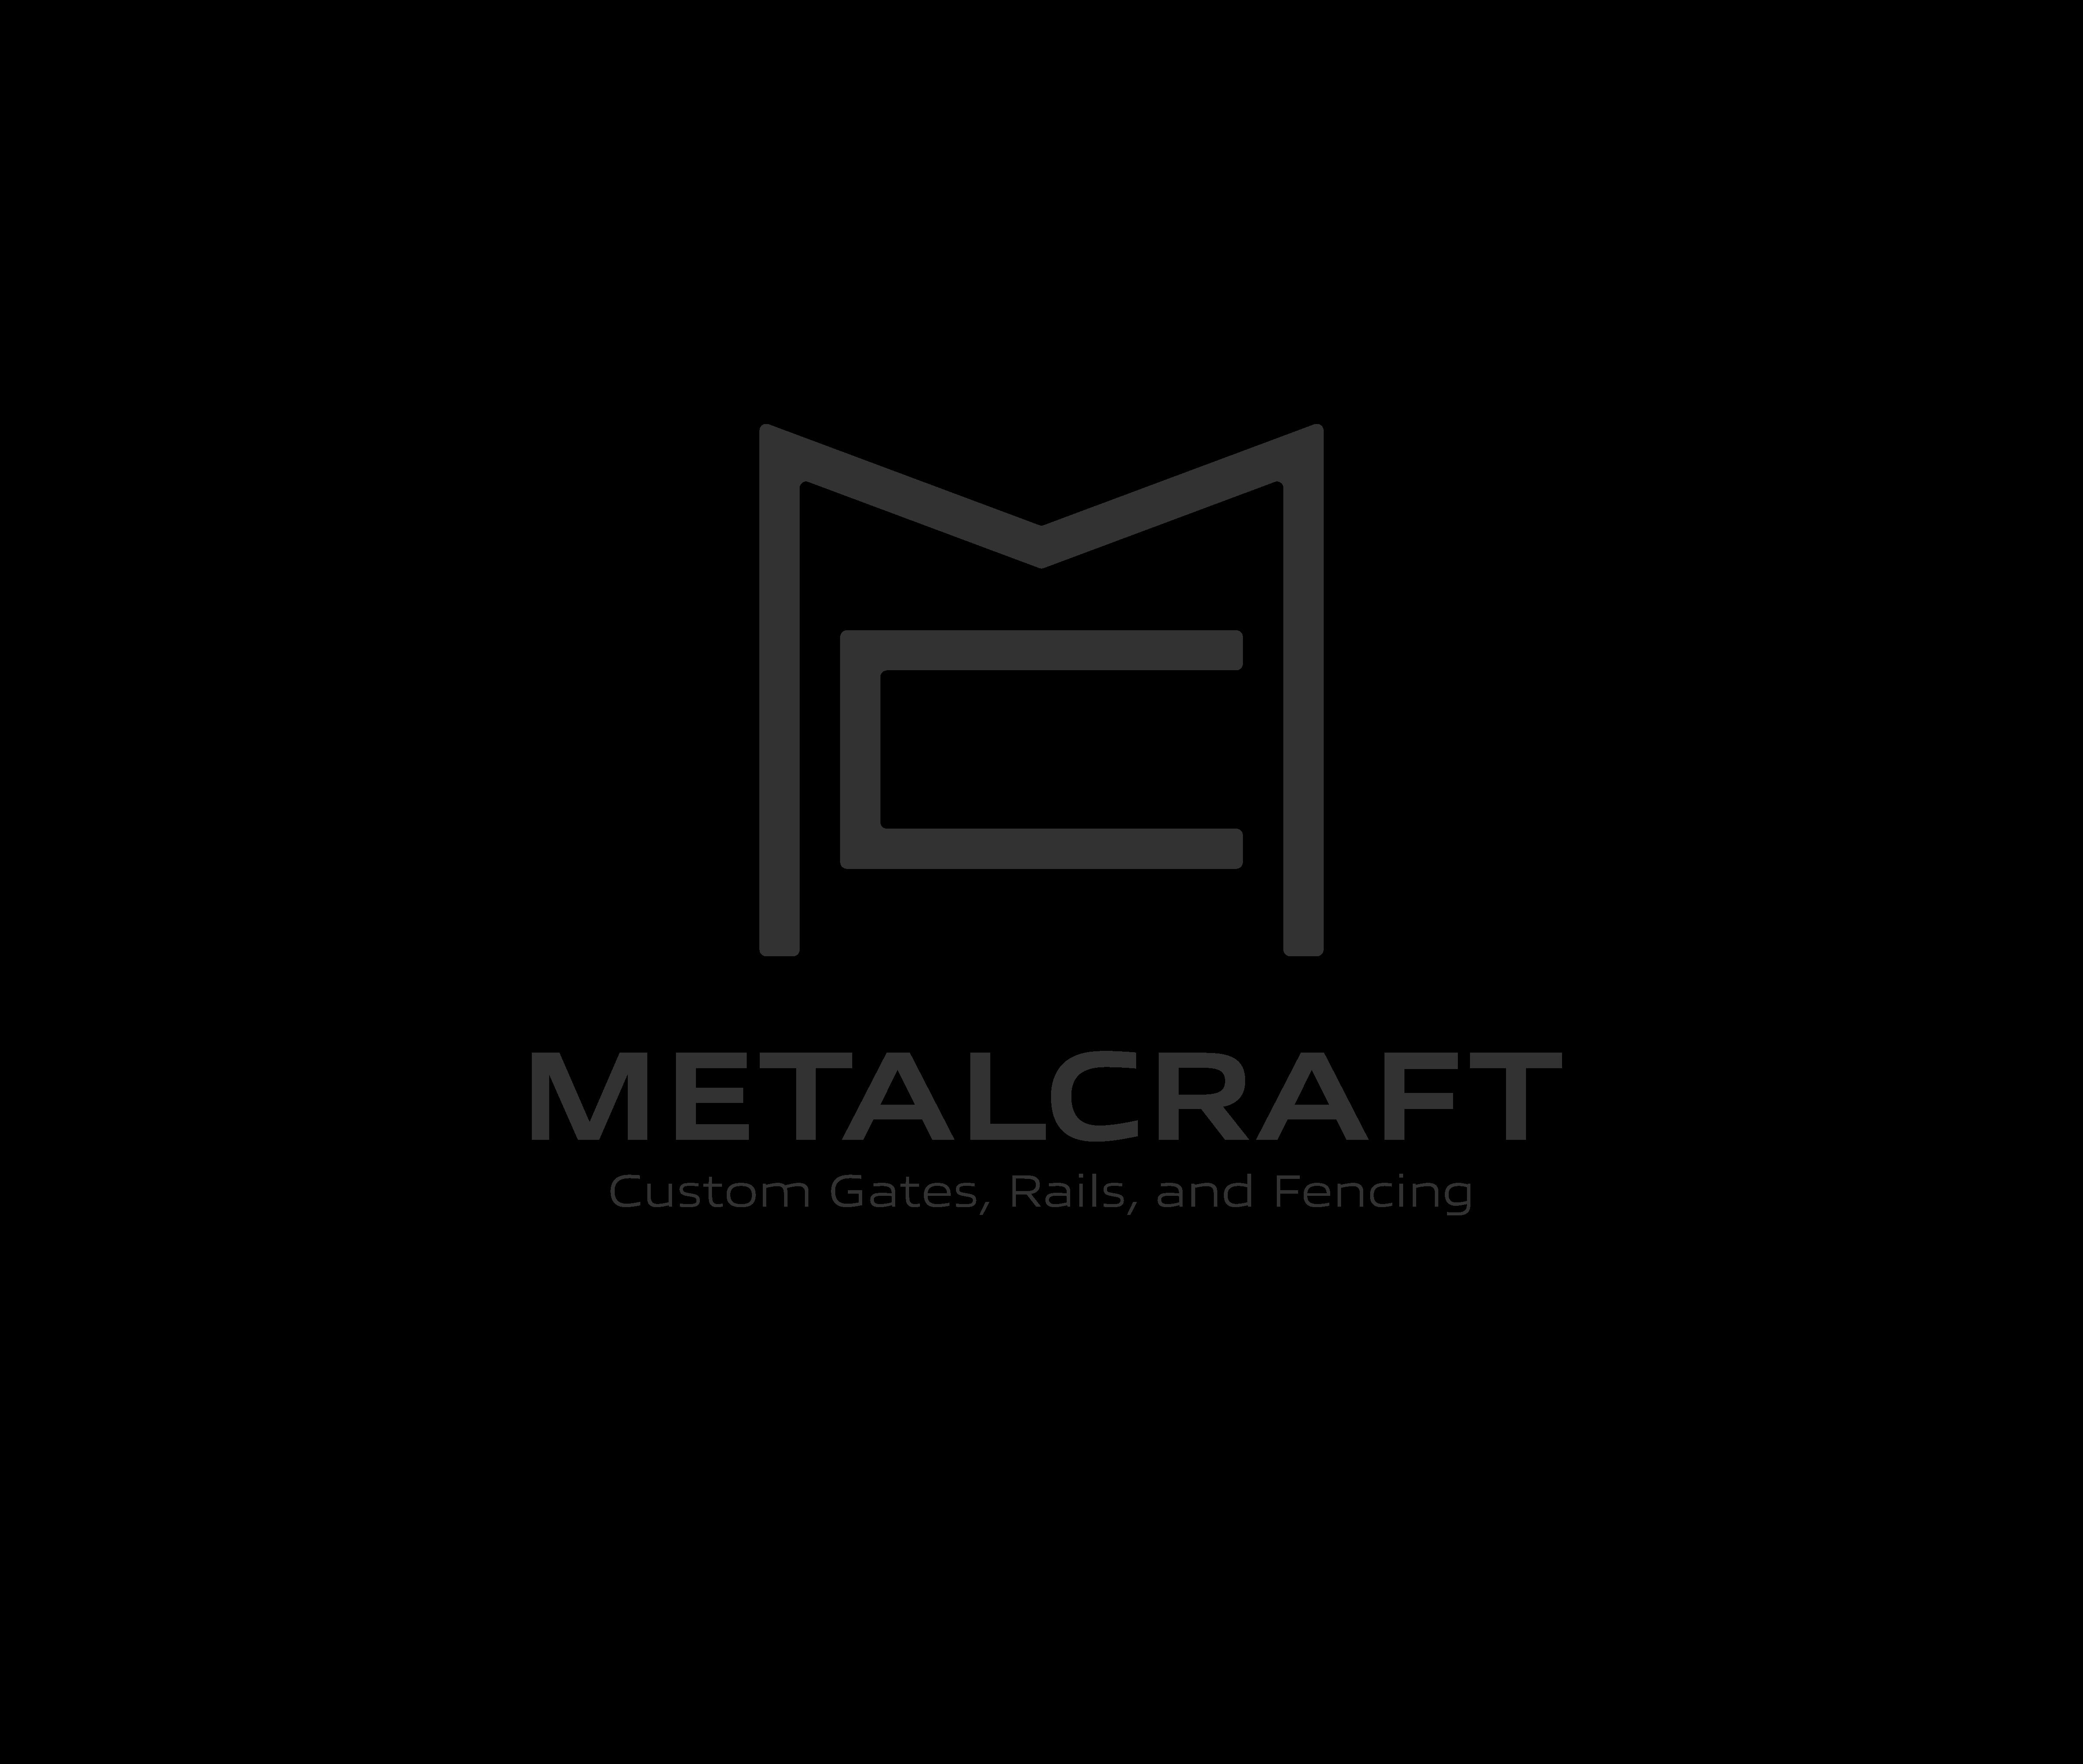 Metalcraft of Pensacola logo.